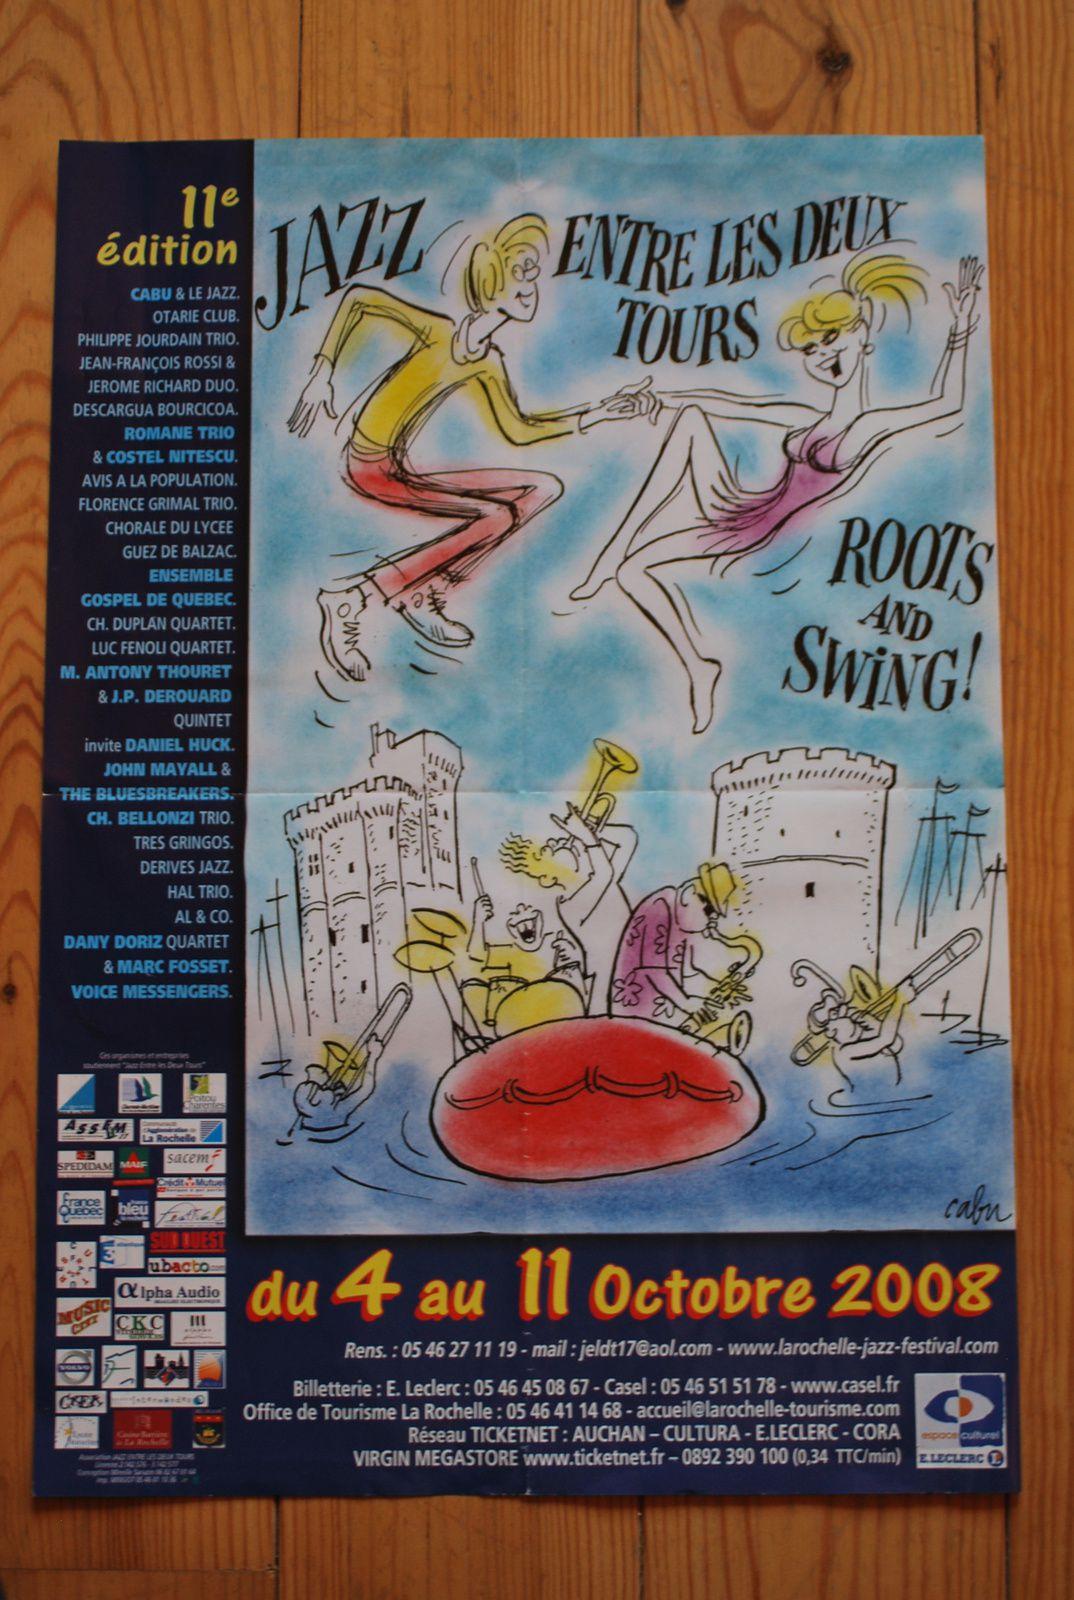 CABU: JAZZ ENTRE LES 2 TOURS 2008